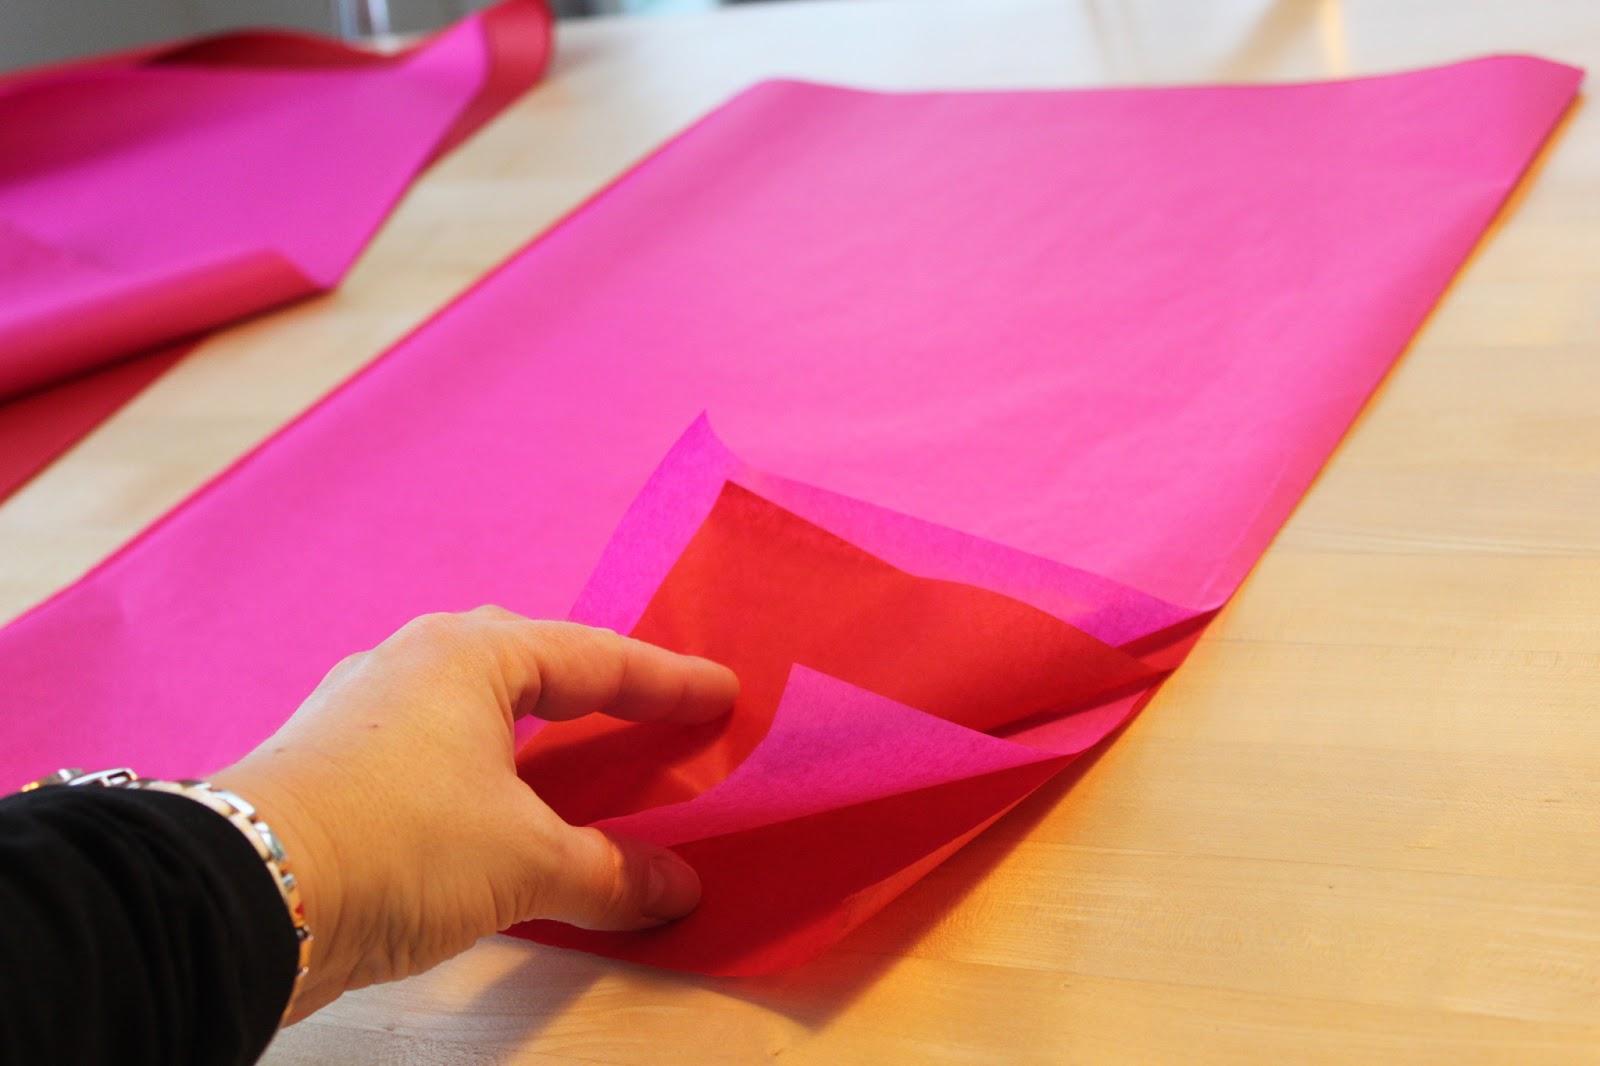 pompoms bringen farbe in spielweberin nachhaltig und kreativ. Black Bedroom Furniture Sets. Home Design Ideas